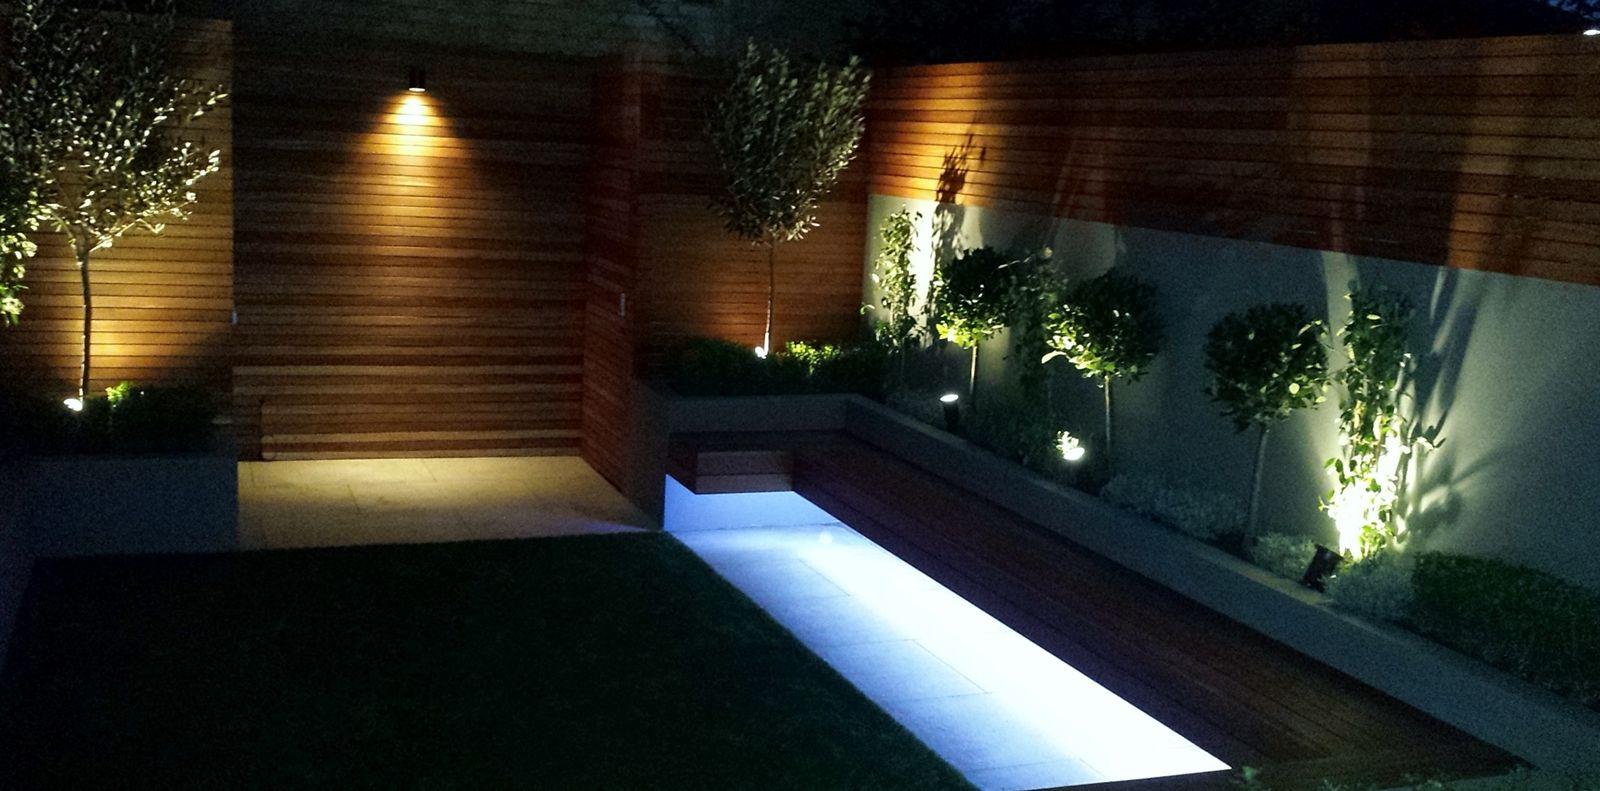 Modern garden design ideas great lighting fireplace